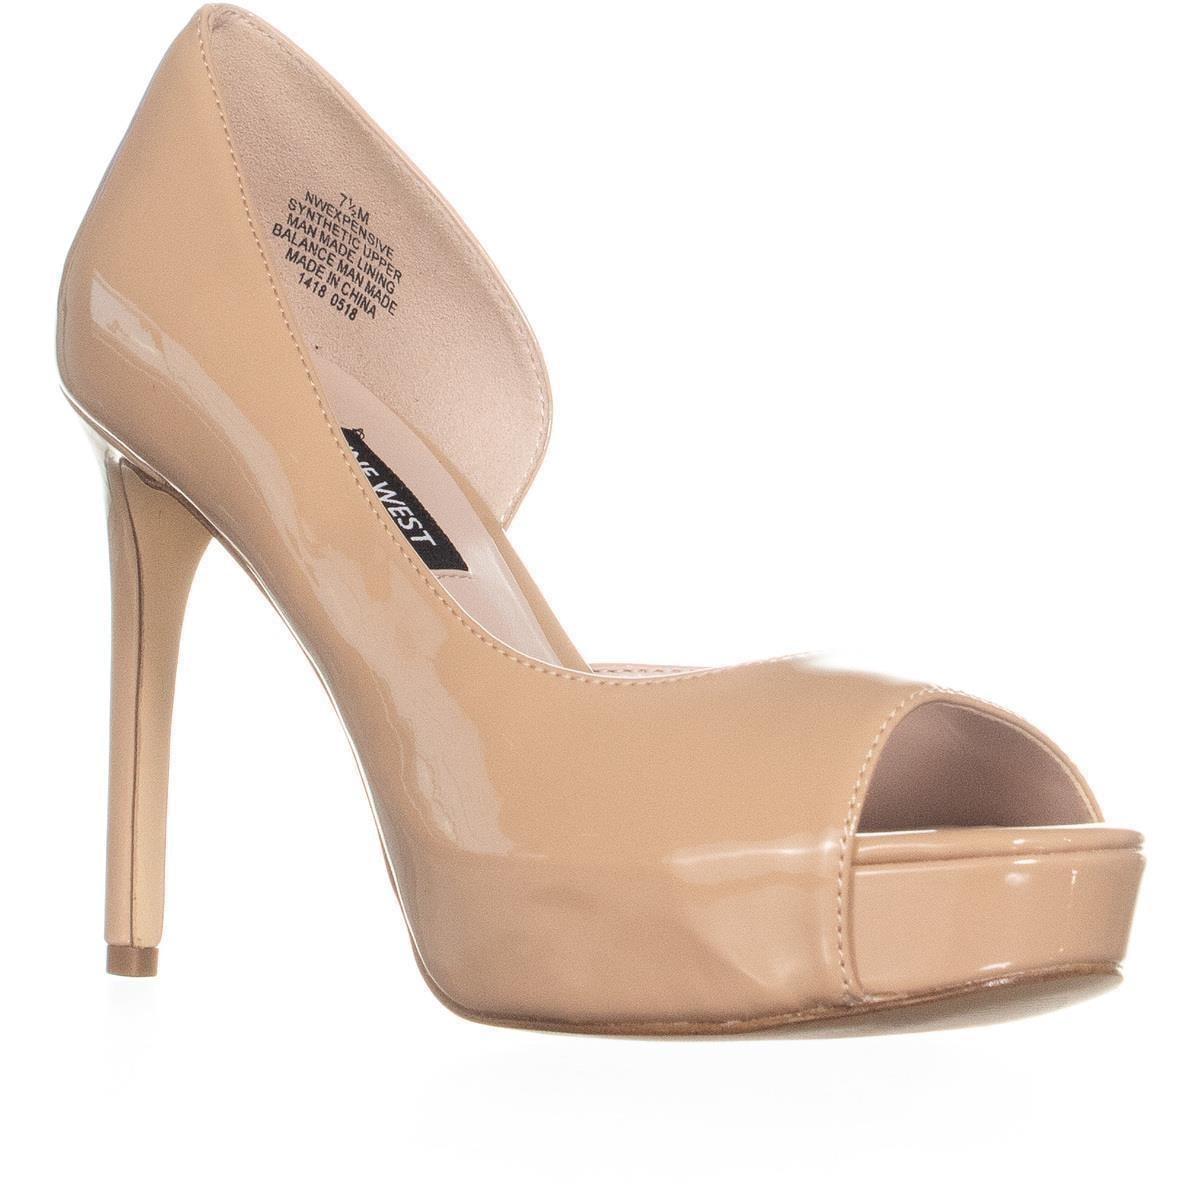 ec88aa50345 Shop Nine West Expensive Platform Heels